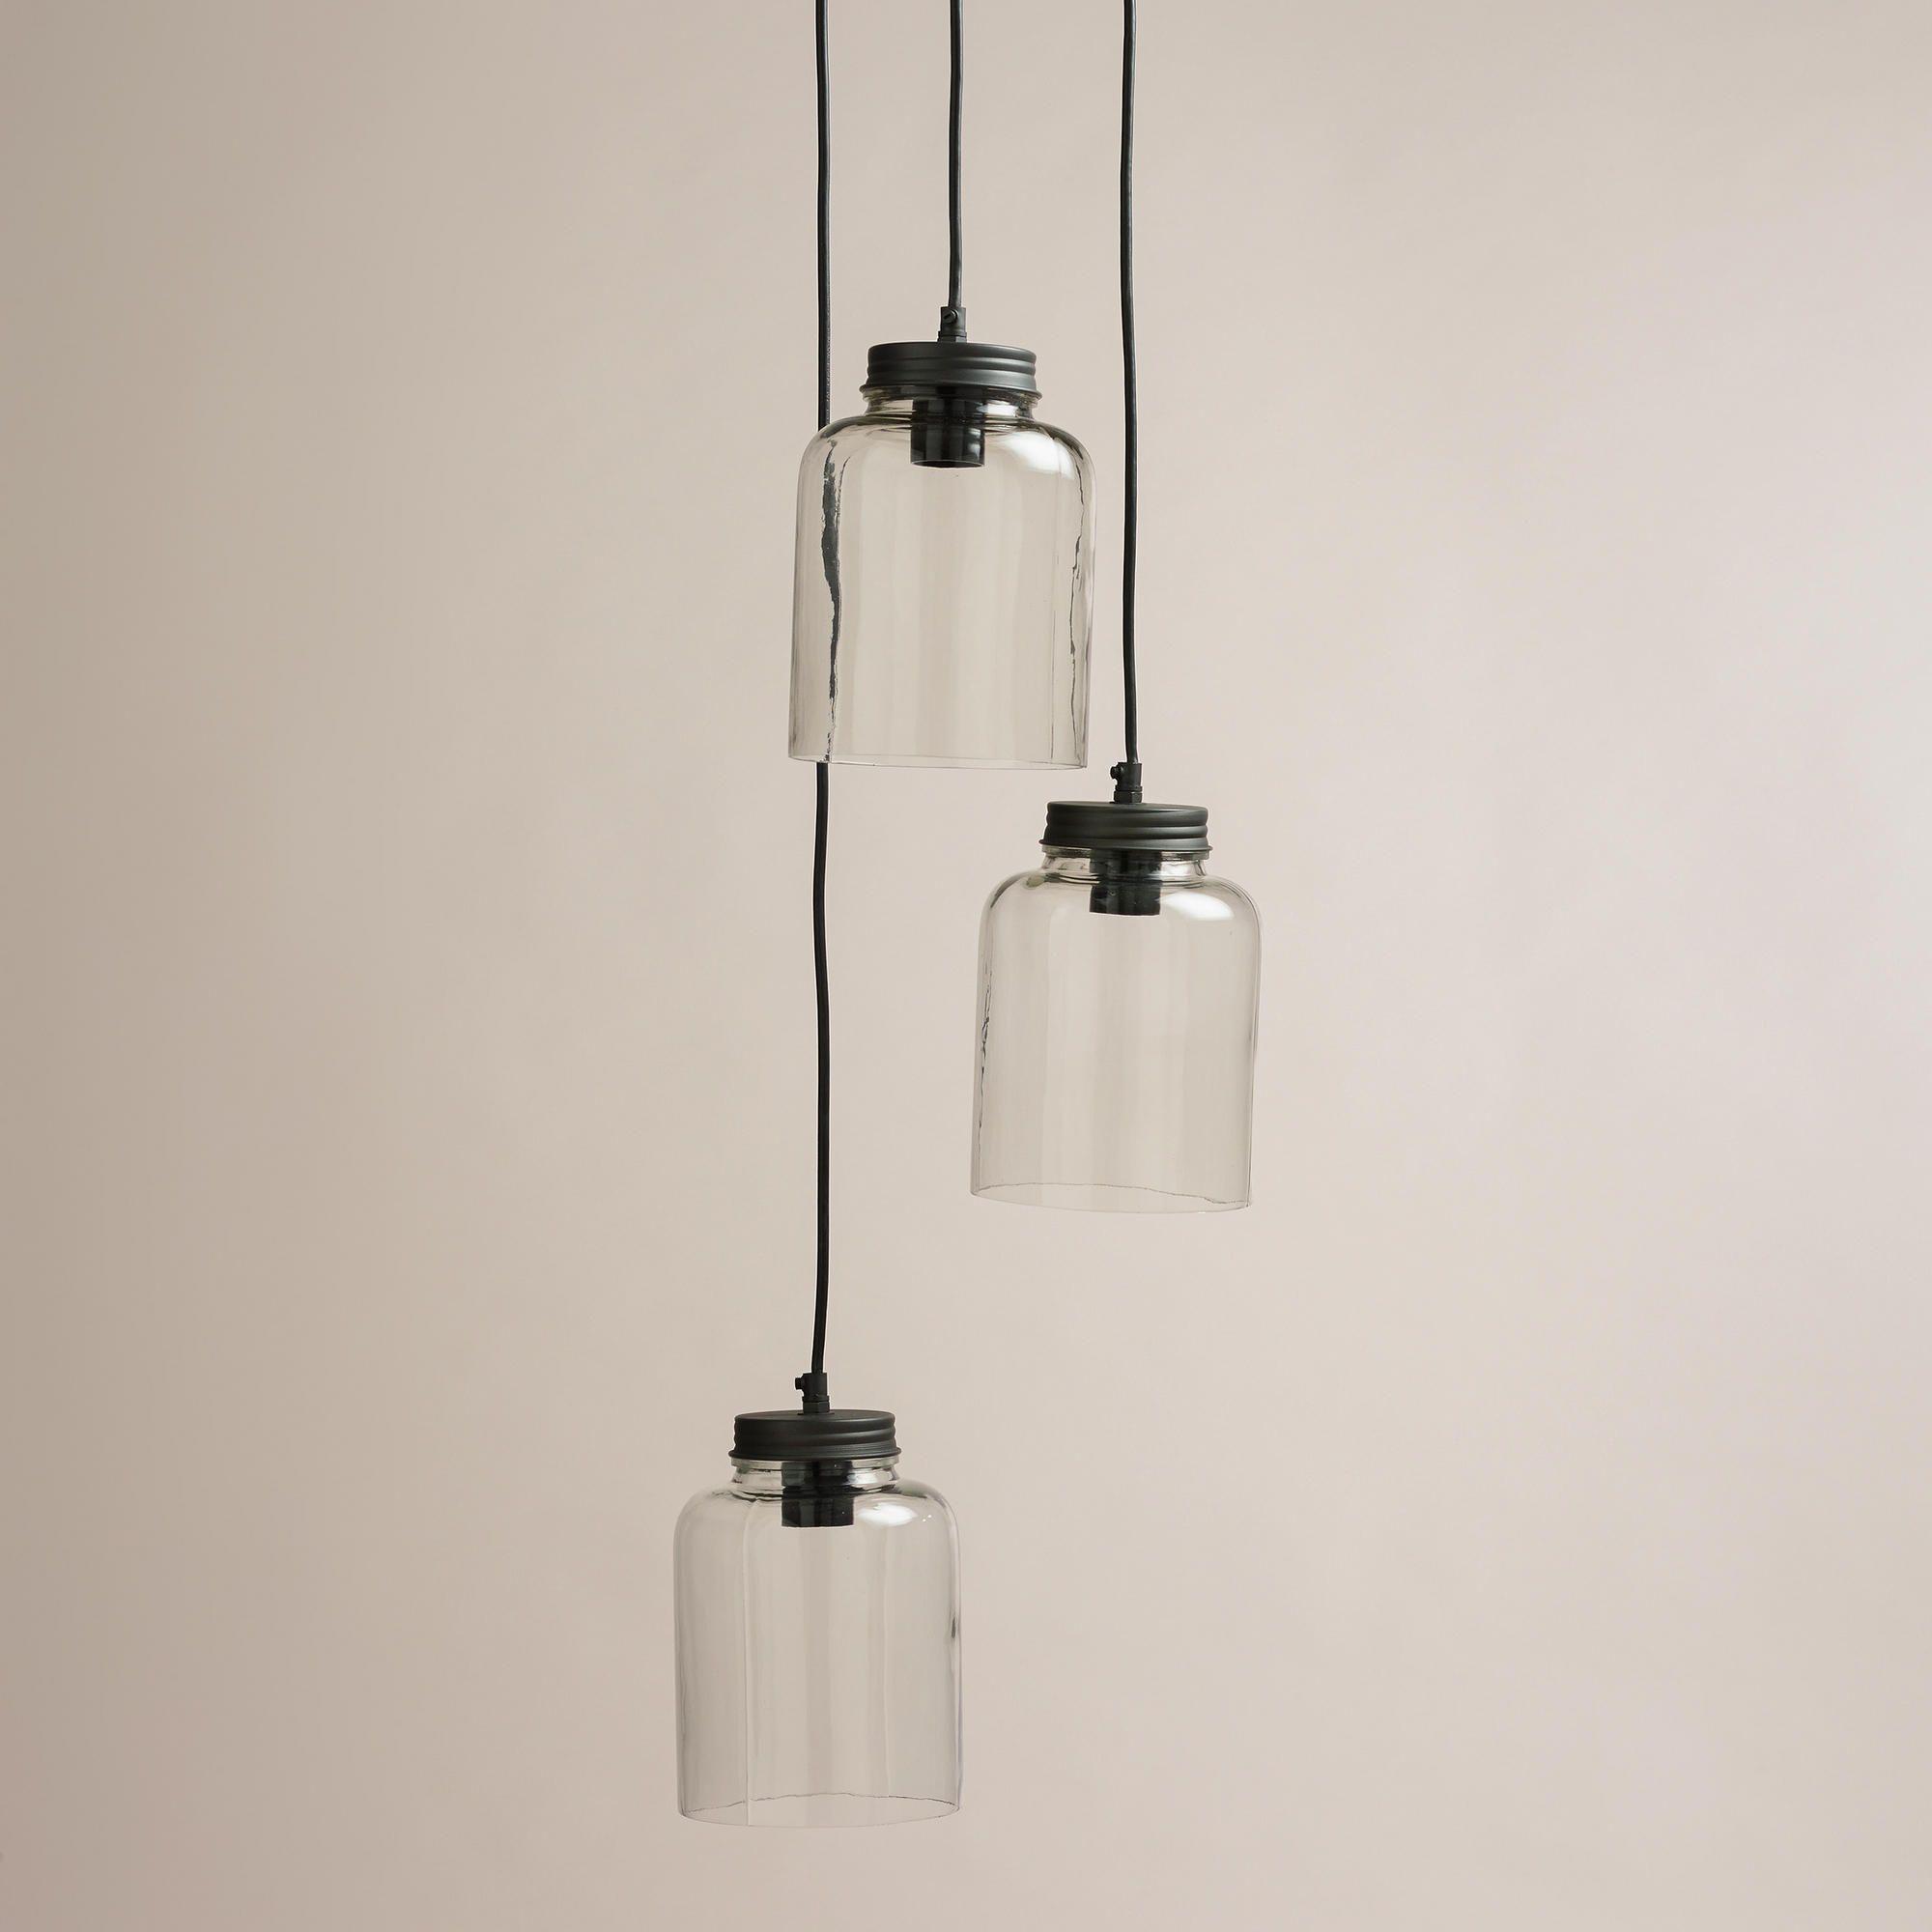 3 Jar Glass Hanging Pendant Lamp